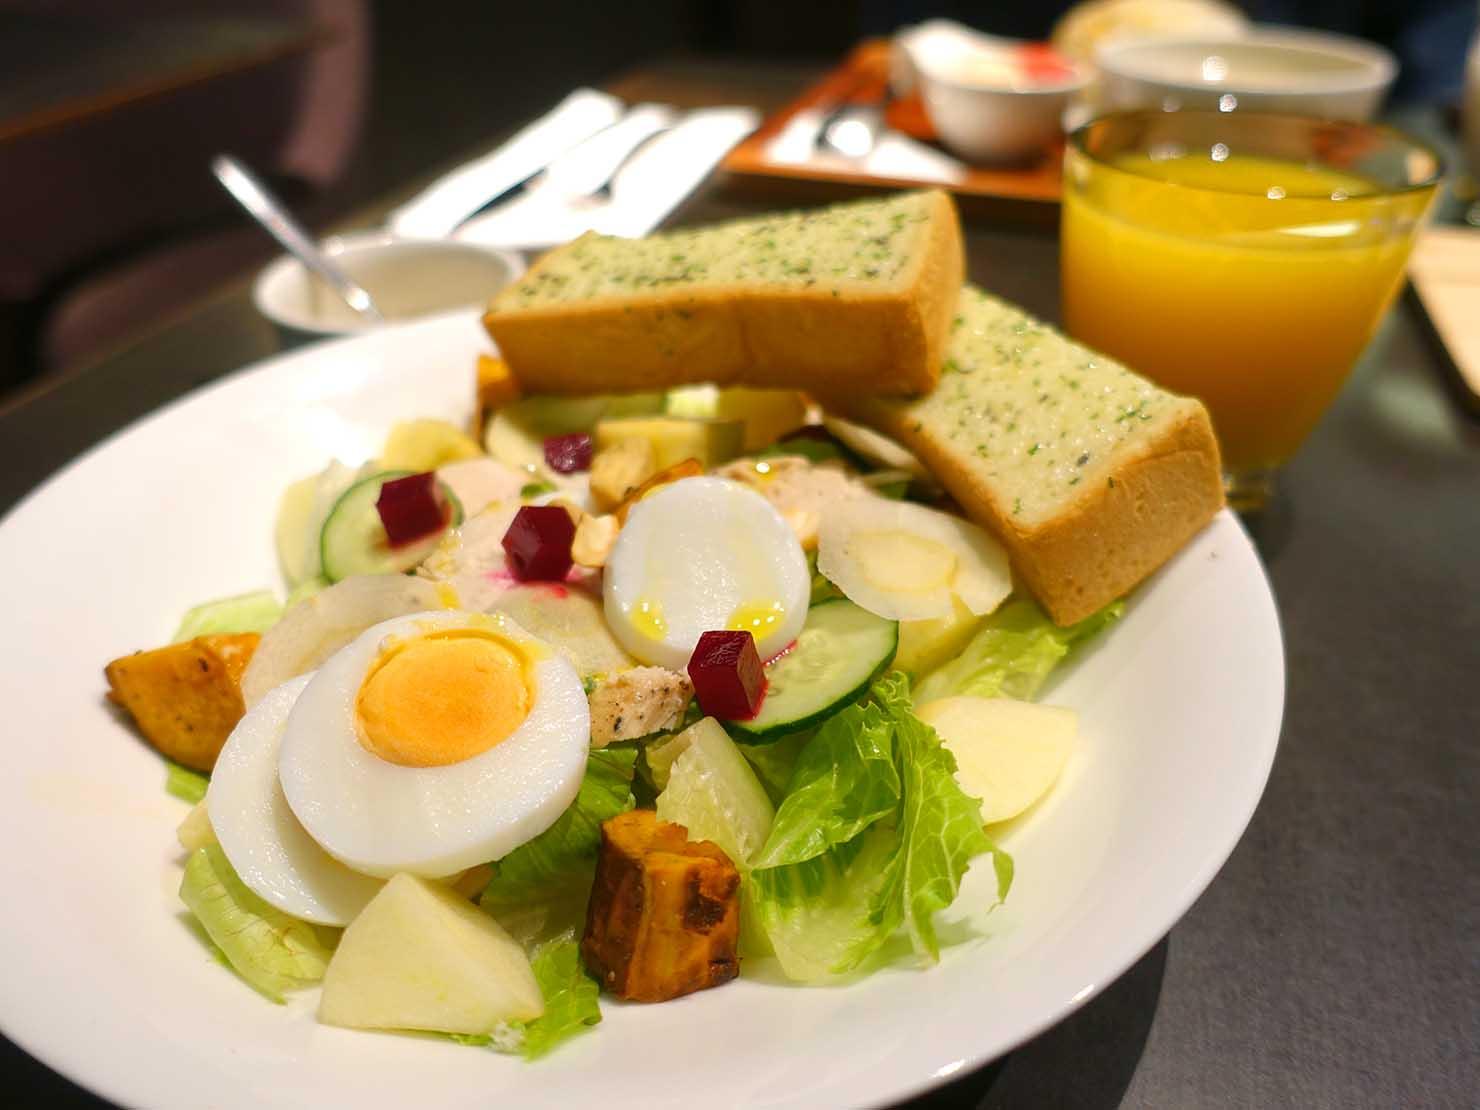 台中駅前のおすすめデザインホテル「紅點文旅 RedDot Hotel」のレストラン・L'AROMEの朝食(チキンサラダセット)